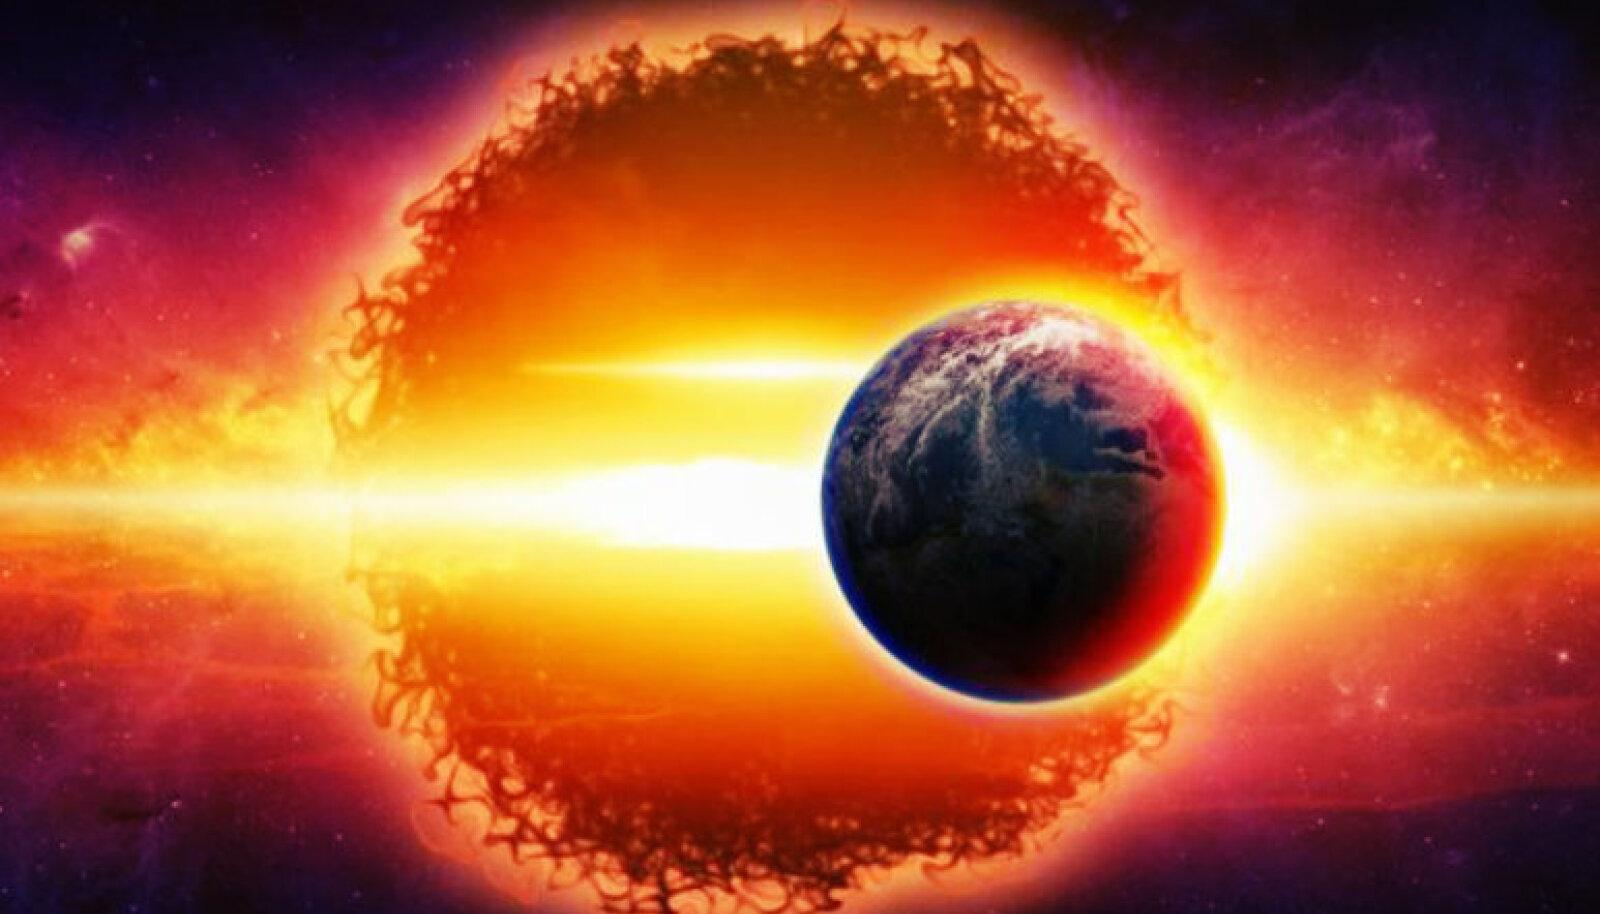 Kas maailmalõpp on saabumas?